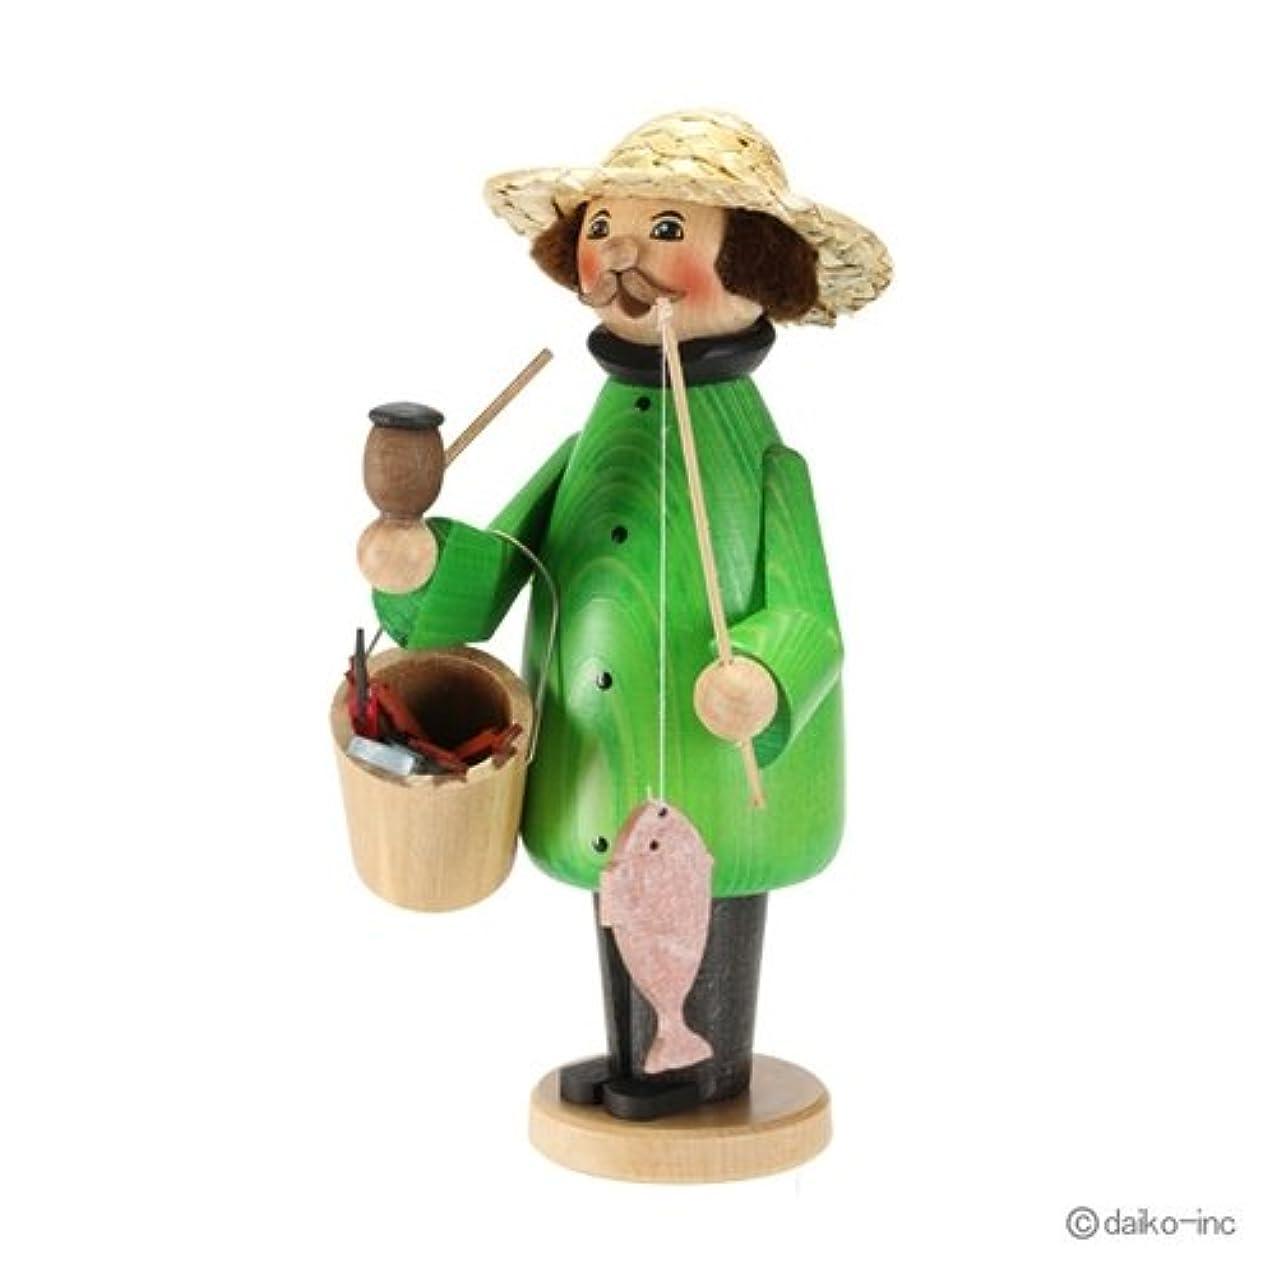 去る好奇心盛ファウルクーネルト kuhnert ミニパイプ人形香炉 釣り人